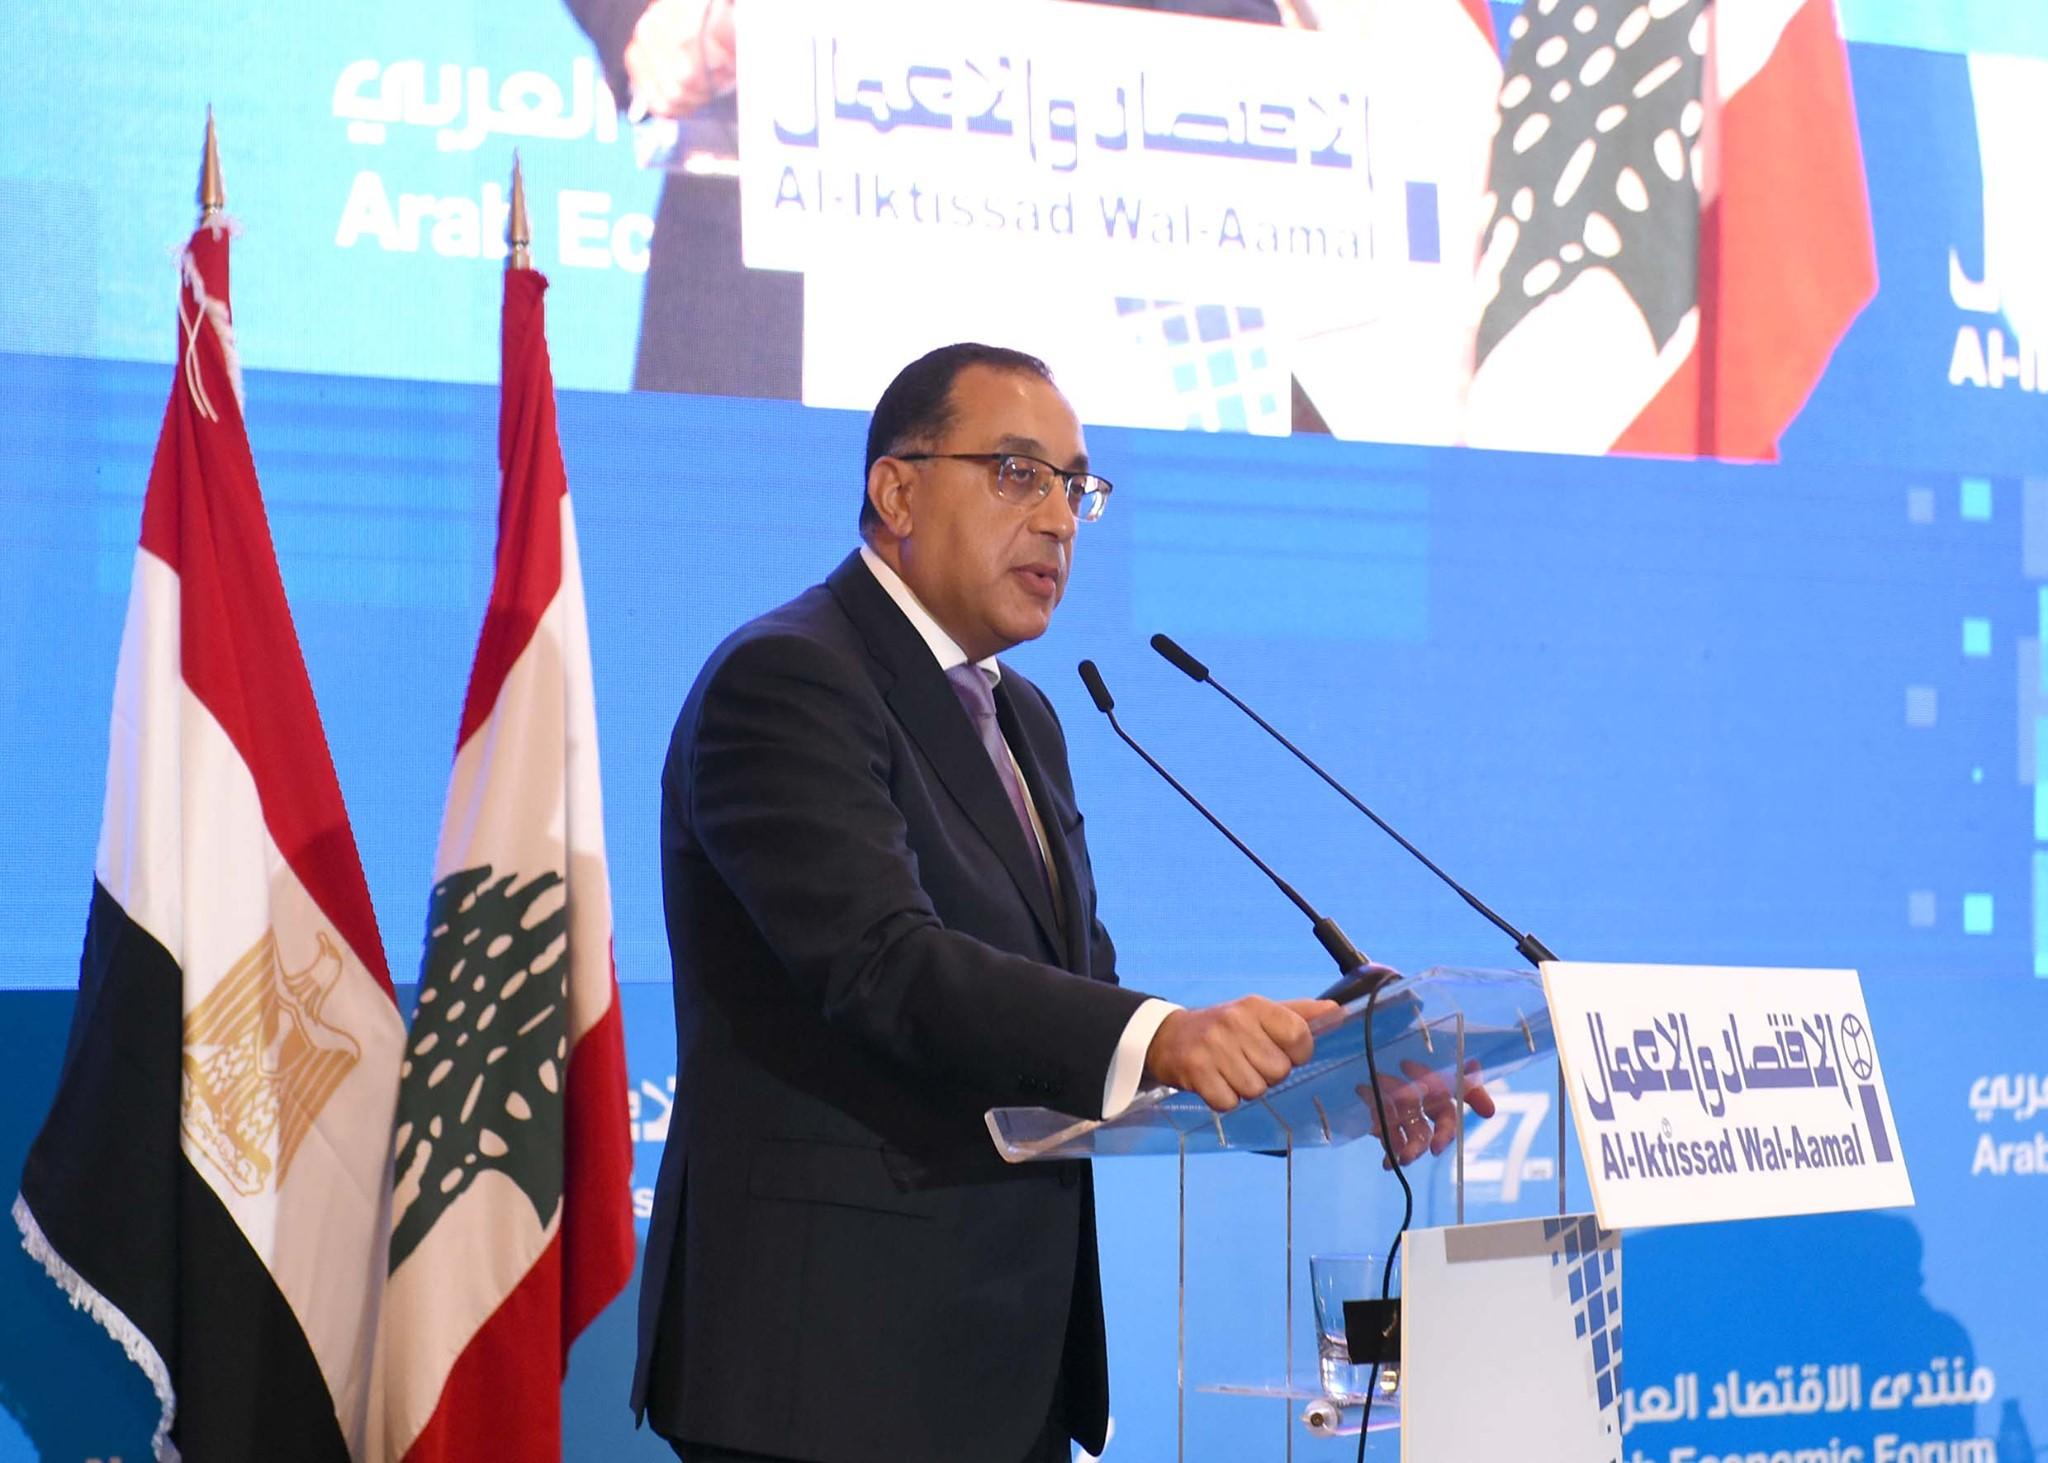 رئيس الوزراء: التكامل بين مصر ولبنان سيثمر عن دخول البلدين إلى أسواق جديدة